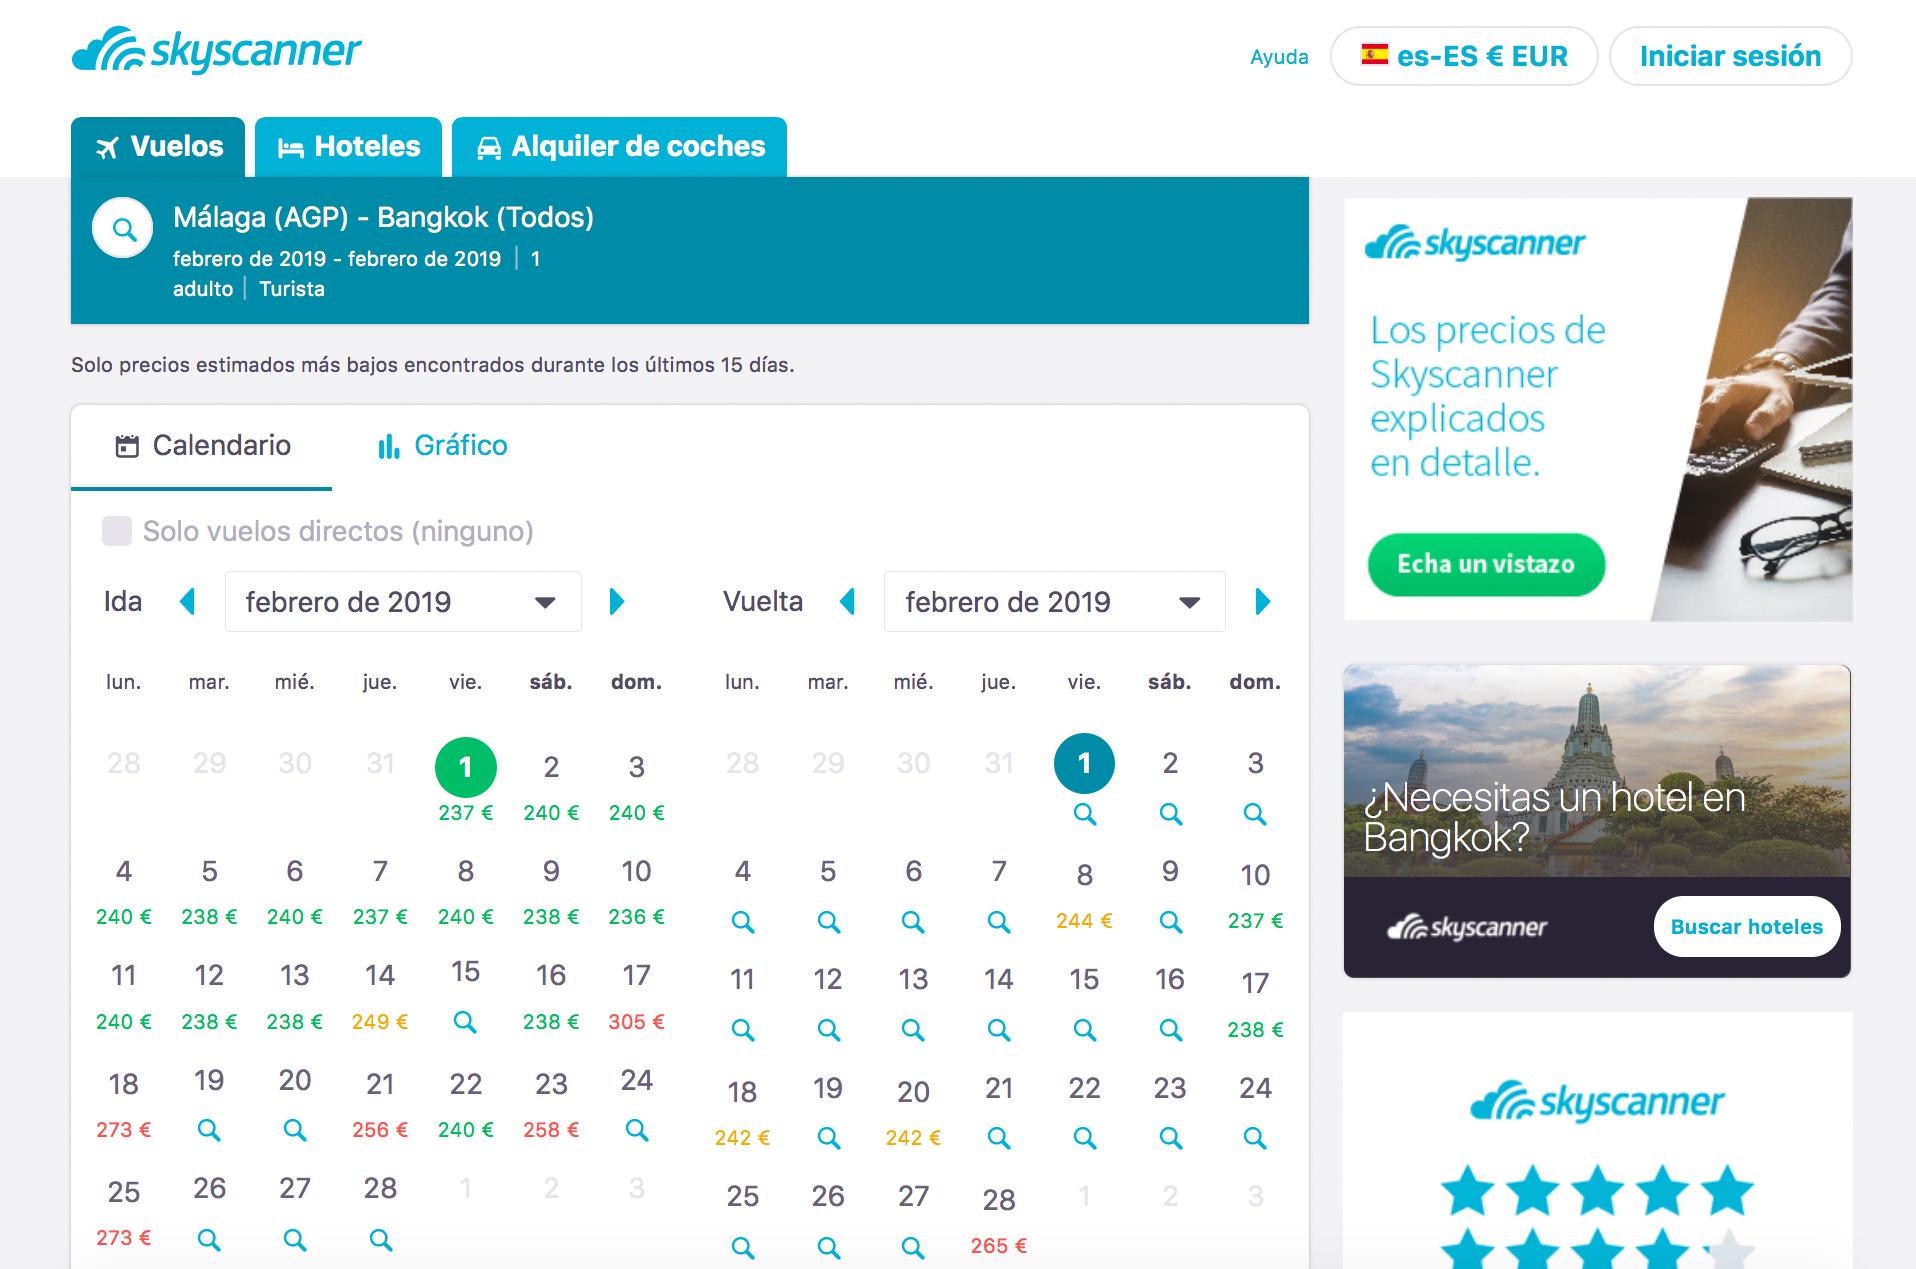 13a052bb3ad02 Clica la foto para saber cuándo conseguir los vuelos más baratos